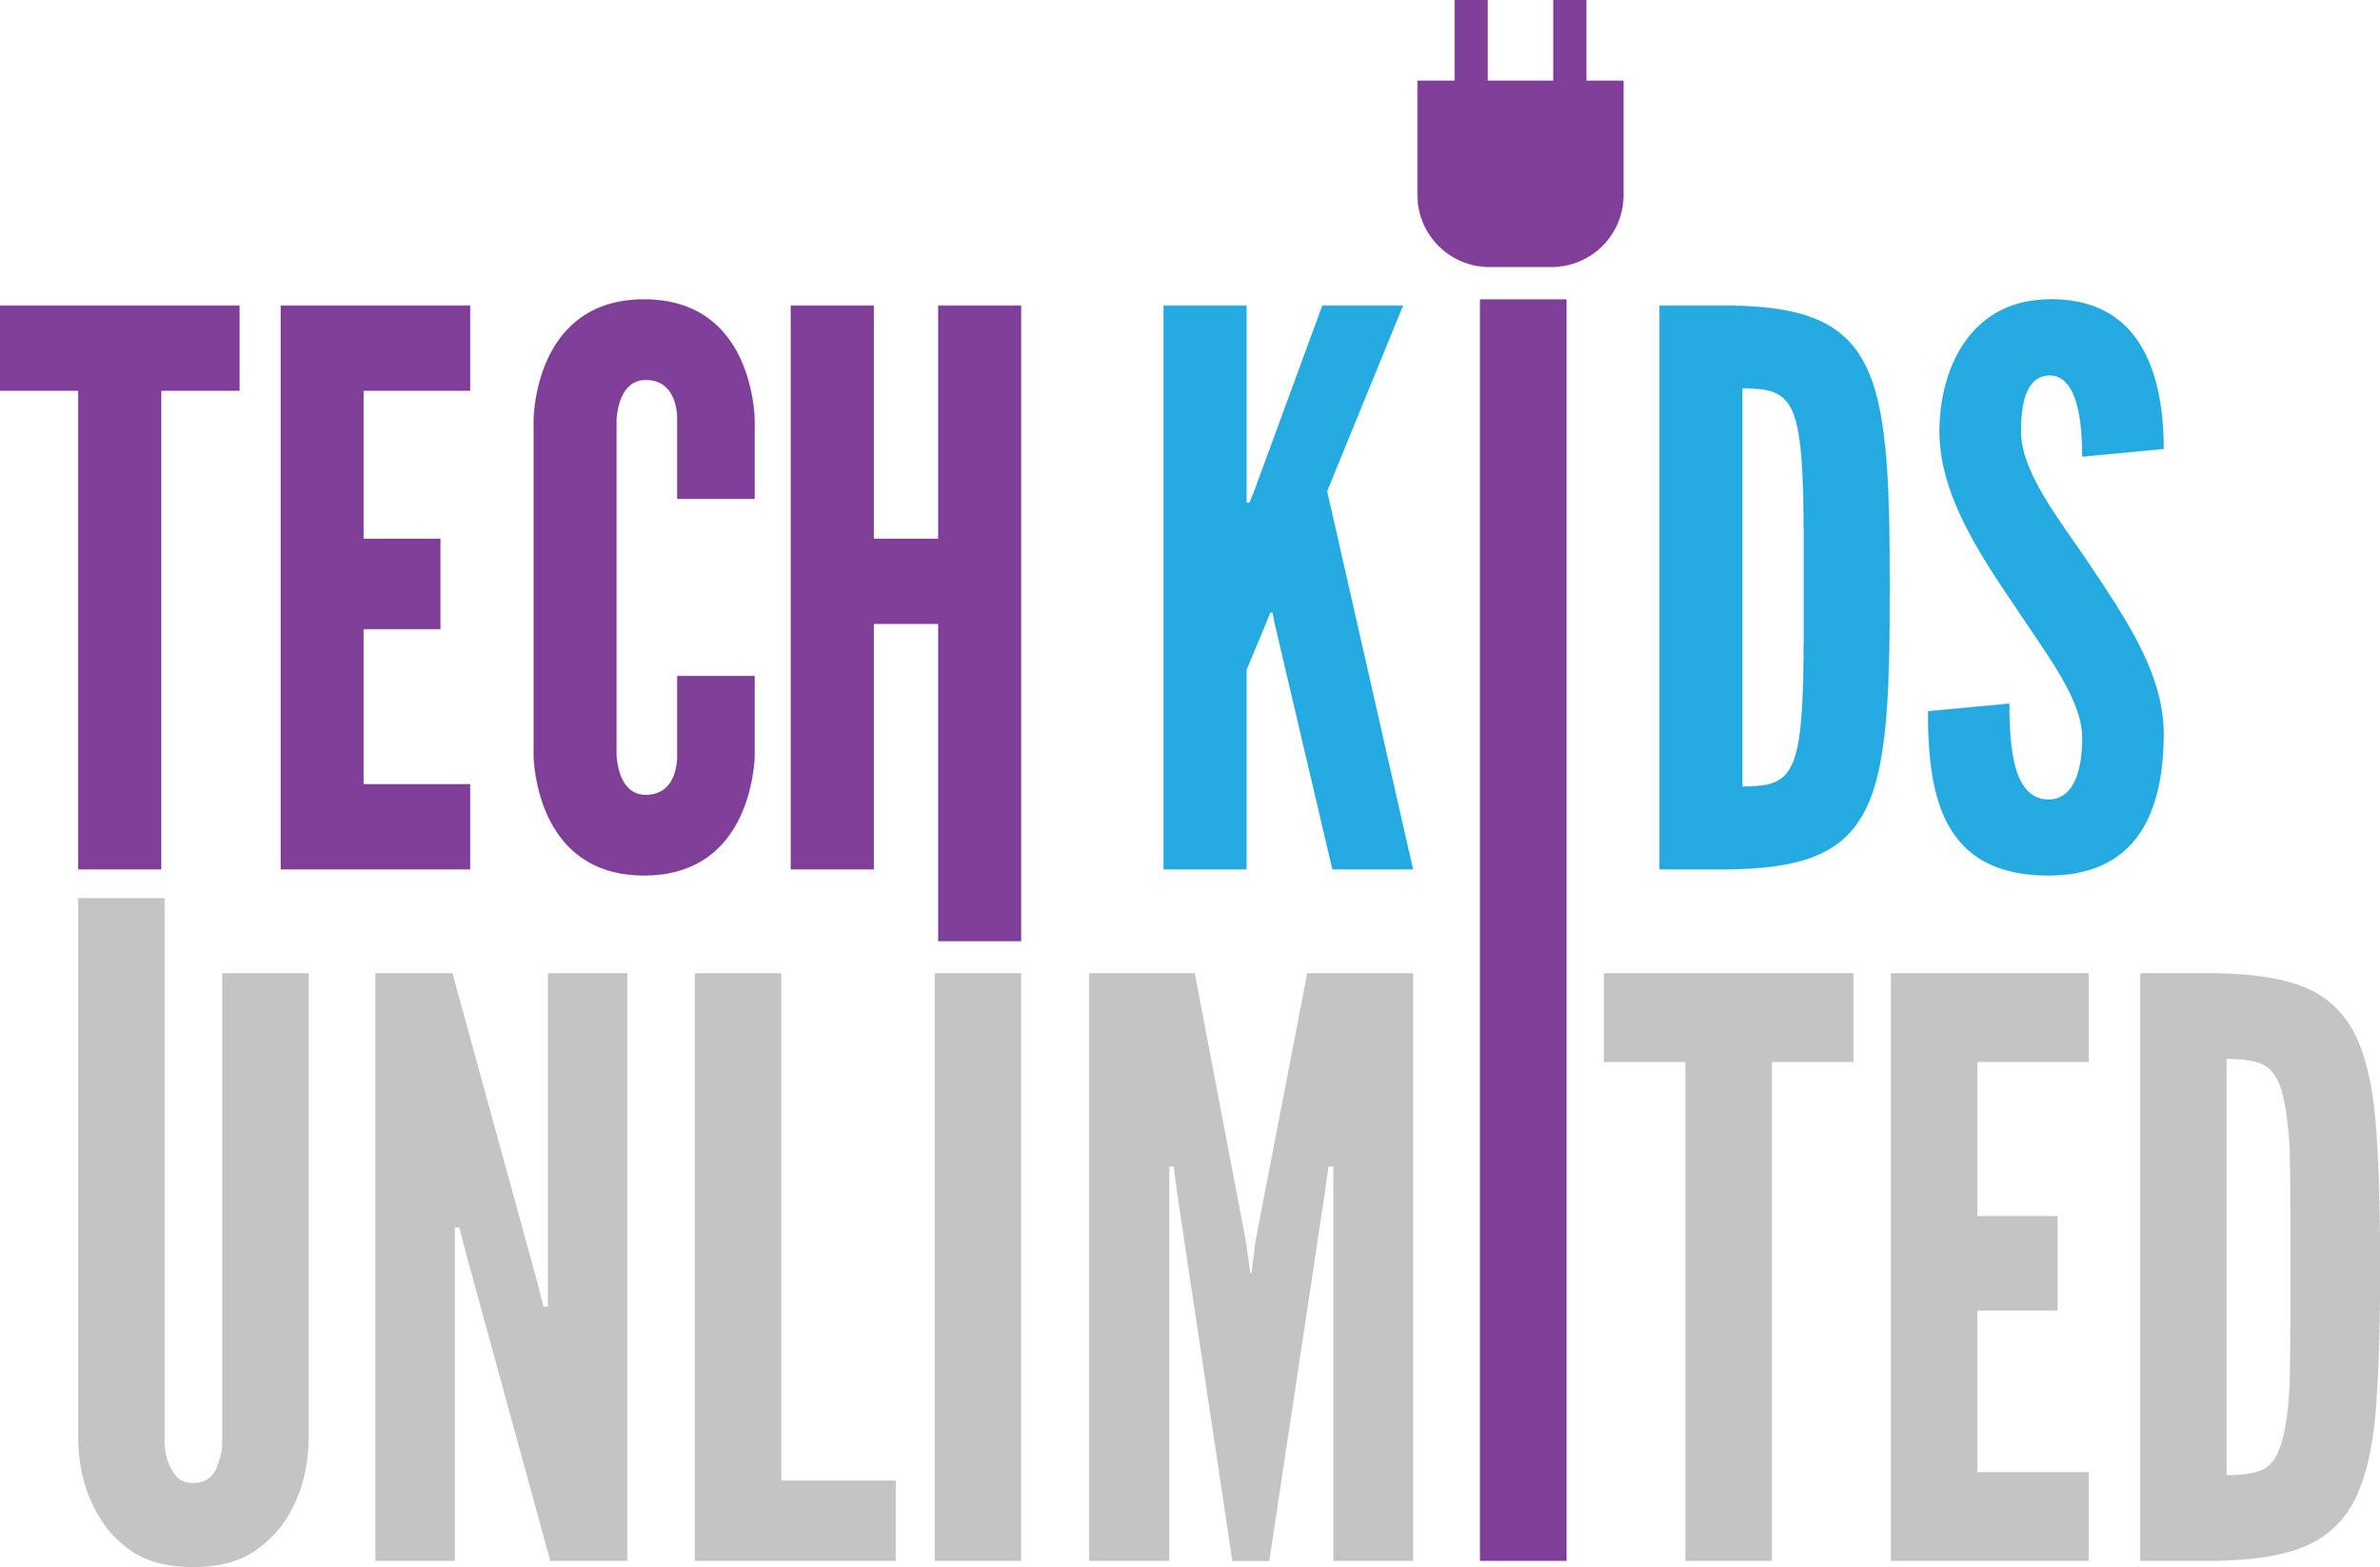 www.TechKidsUnlimited.org